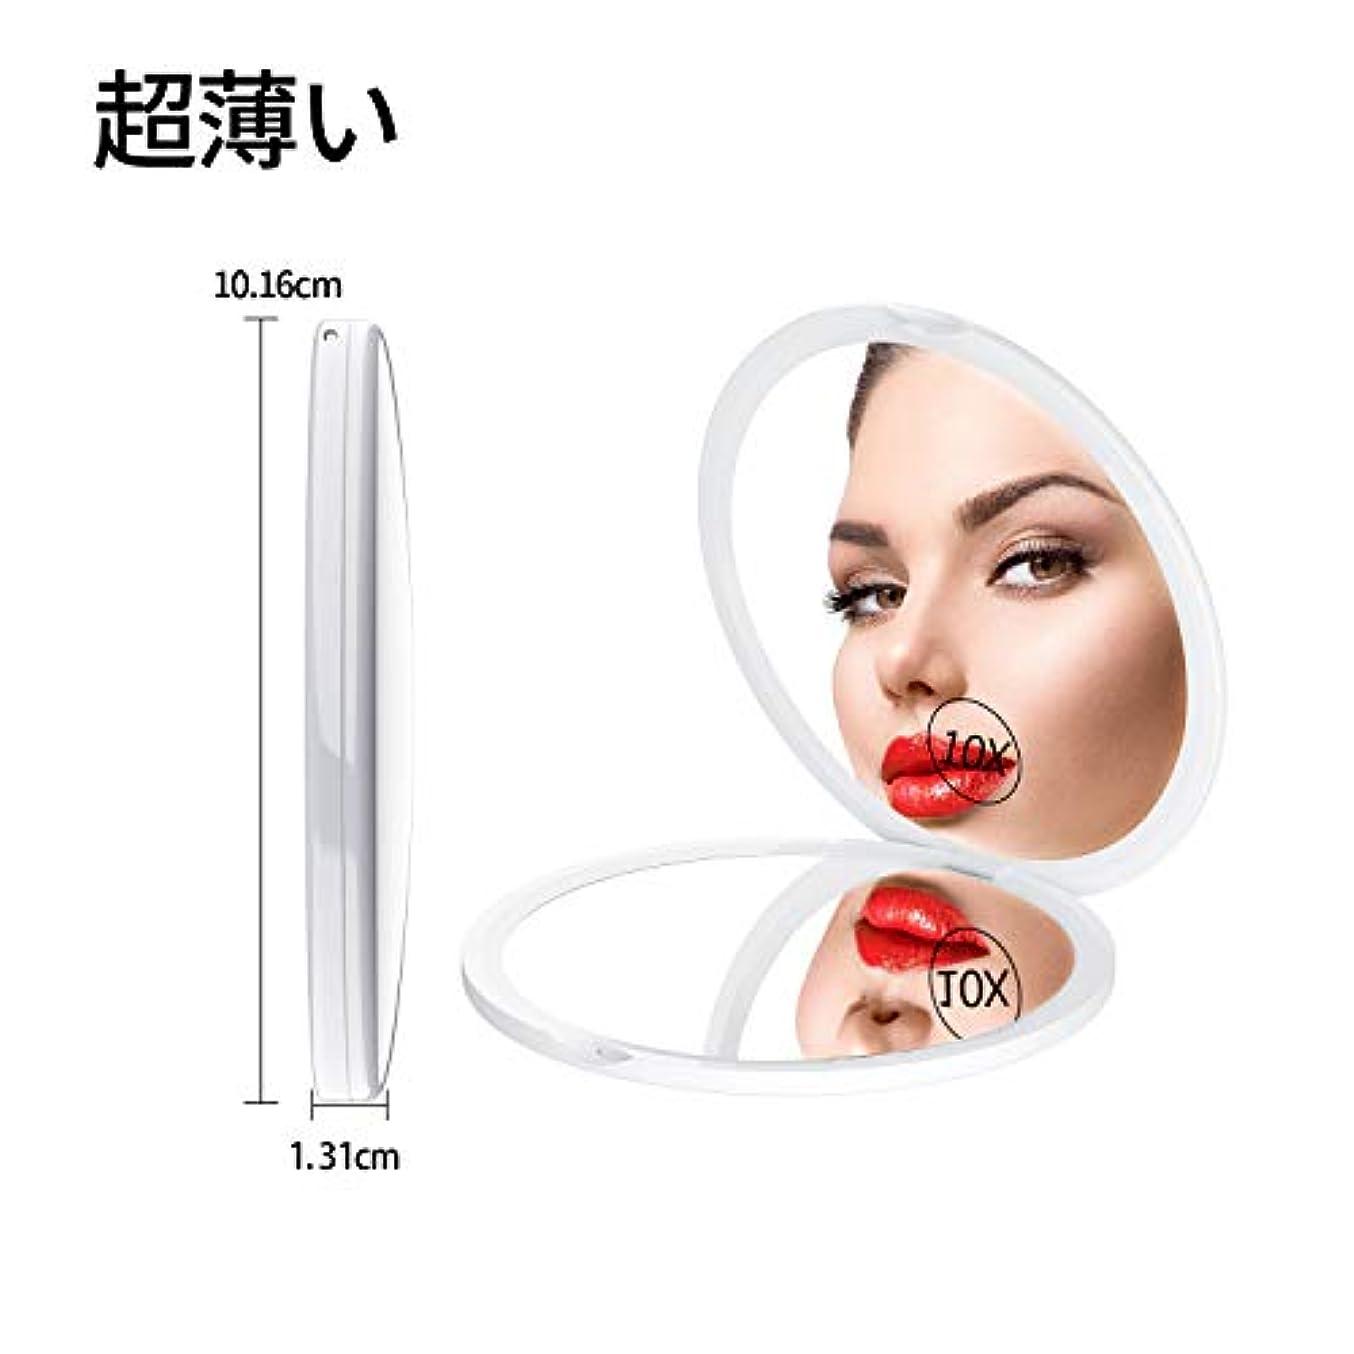 囲いトレイサバントミラー 鏡 10倍拡大鏡付 両面コンパクトミラー 拡大ミラー 両面化粧鏡 コンパクト拡大ミラー メイクミラー 携帯ミラー 両面鏡 折りたたみミラー 角度調整可 ホワイト Gospire